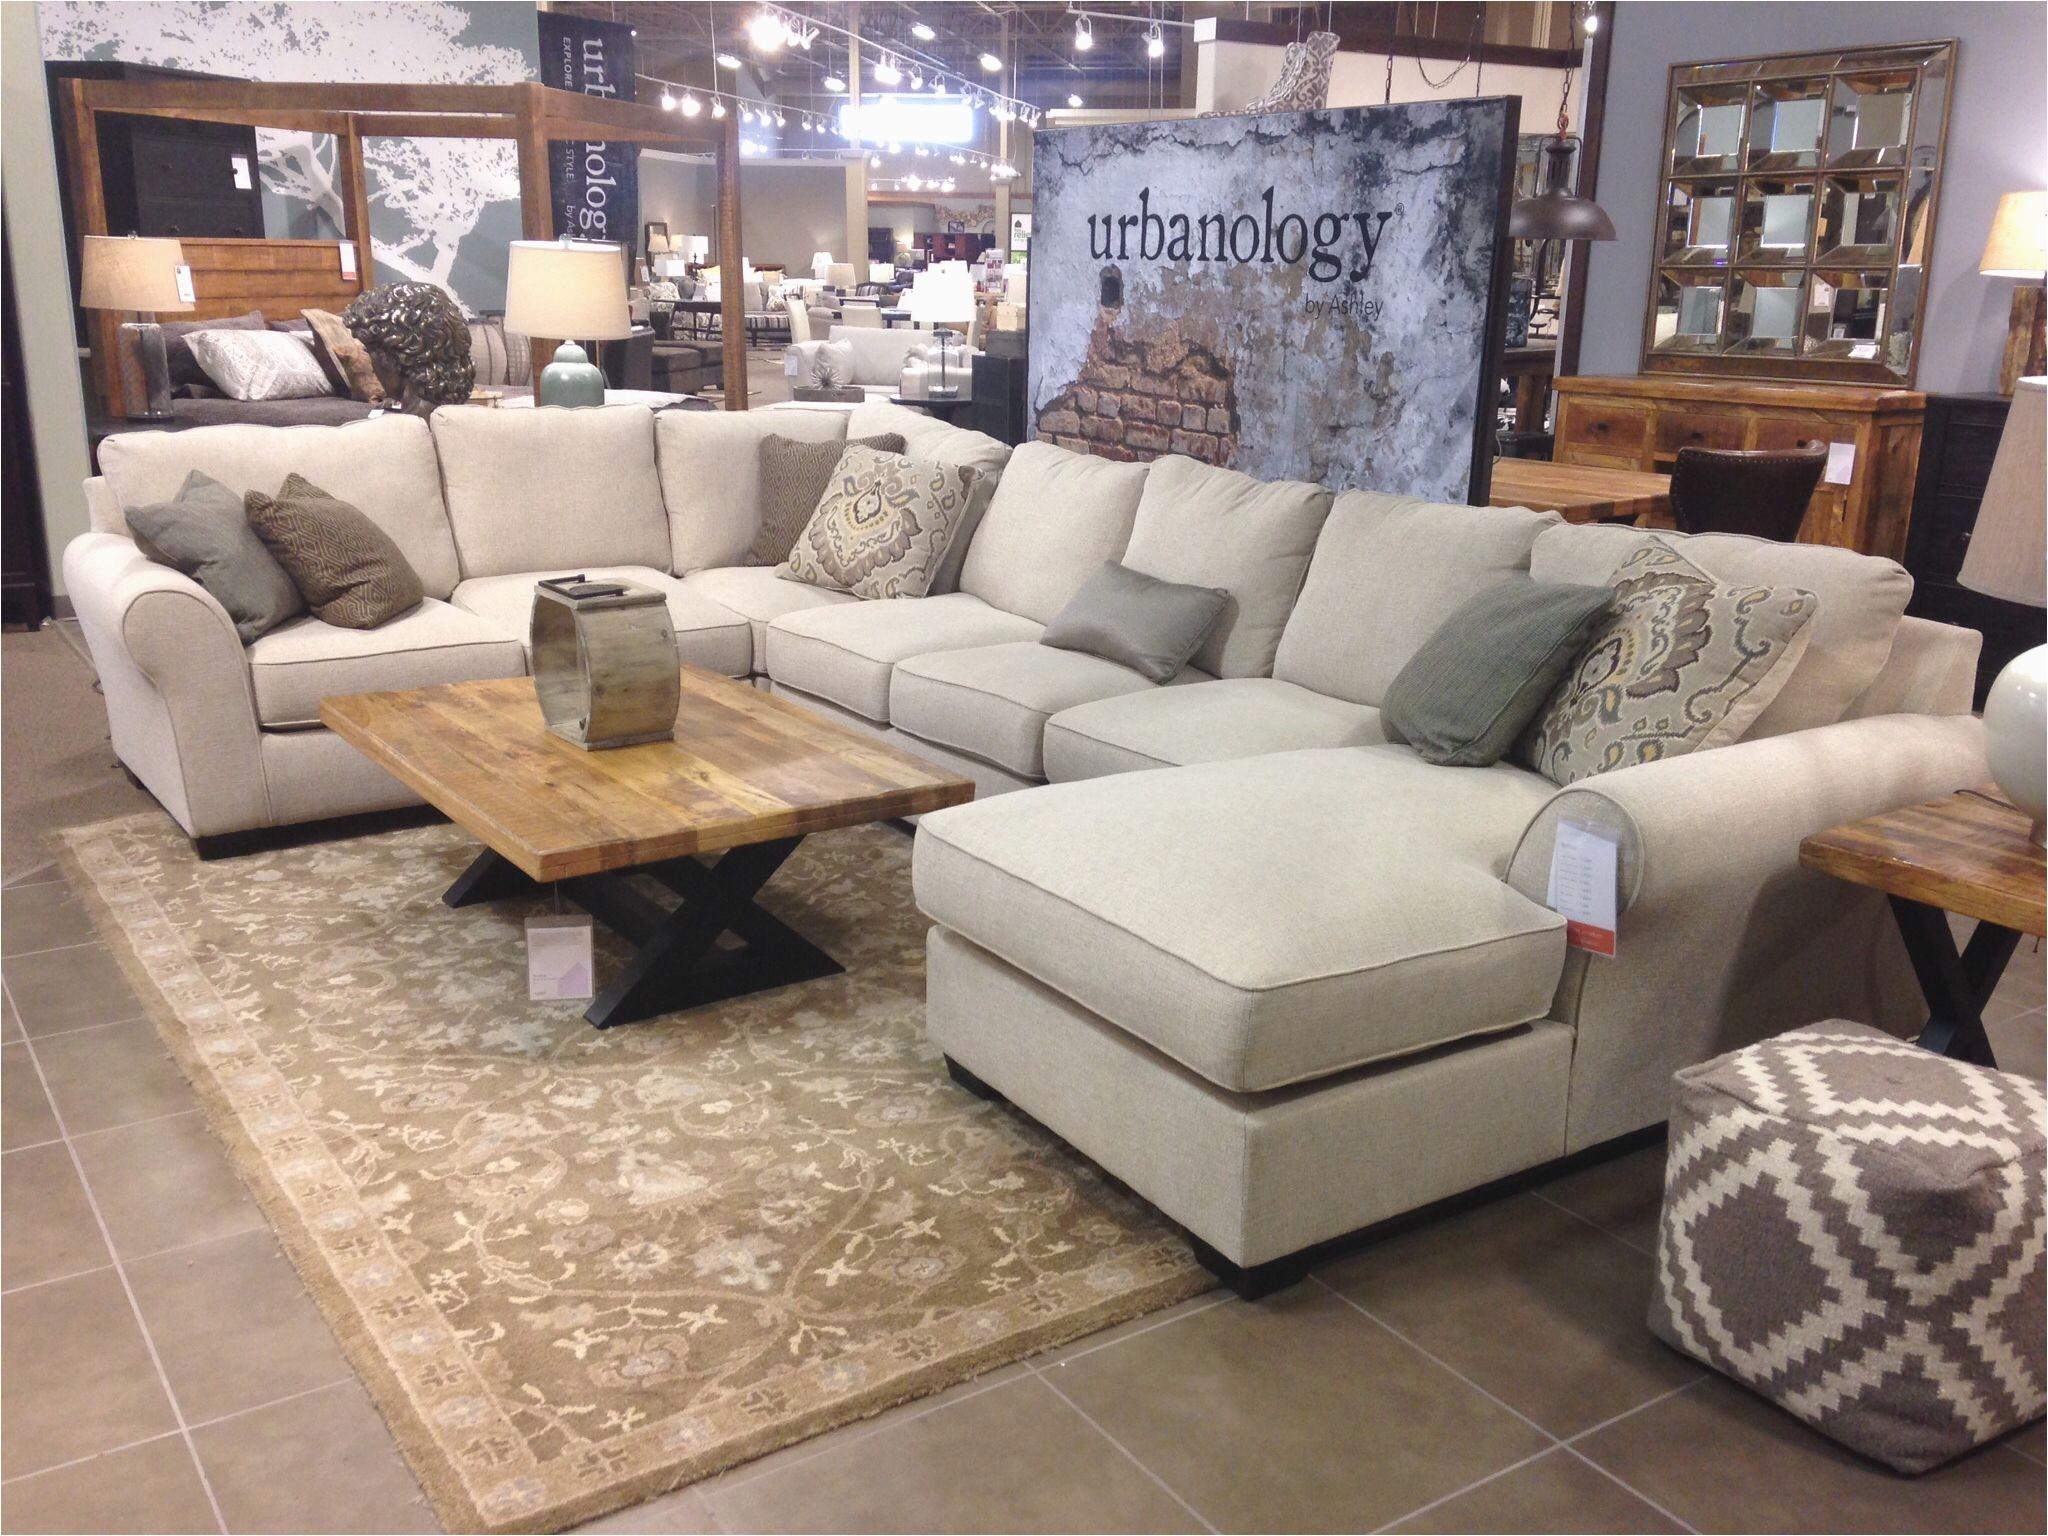 ashley furniture urbanology